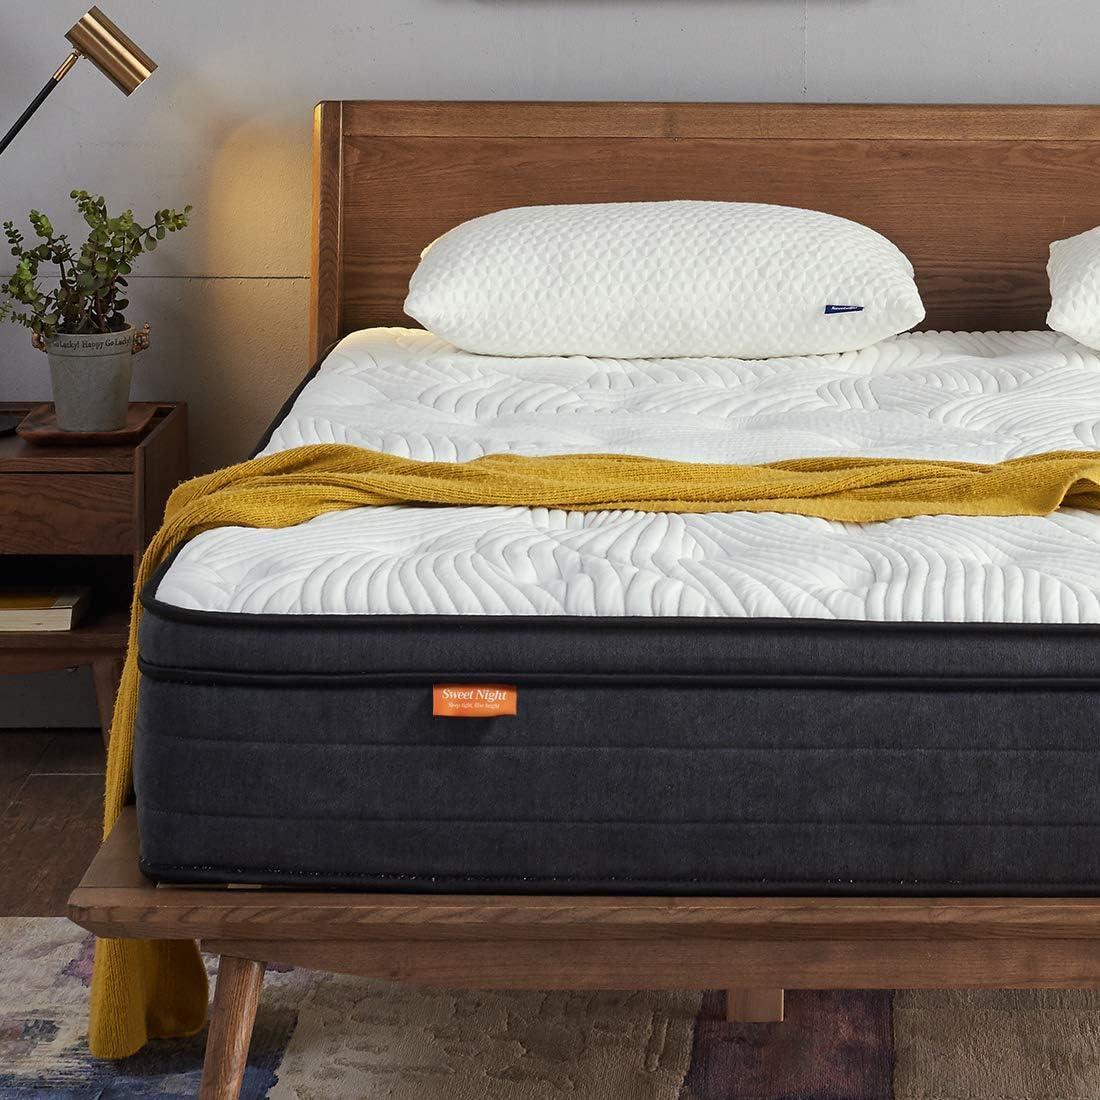 Sweetnight - Colchón de 90 x 200 cm con muelles de Espuma de Gel ortopédico y elástico, antidolor de Espalda, dureza 3, Altura 30 cm (90 x 200 x 30 cm)